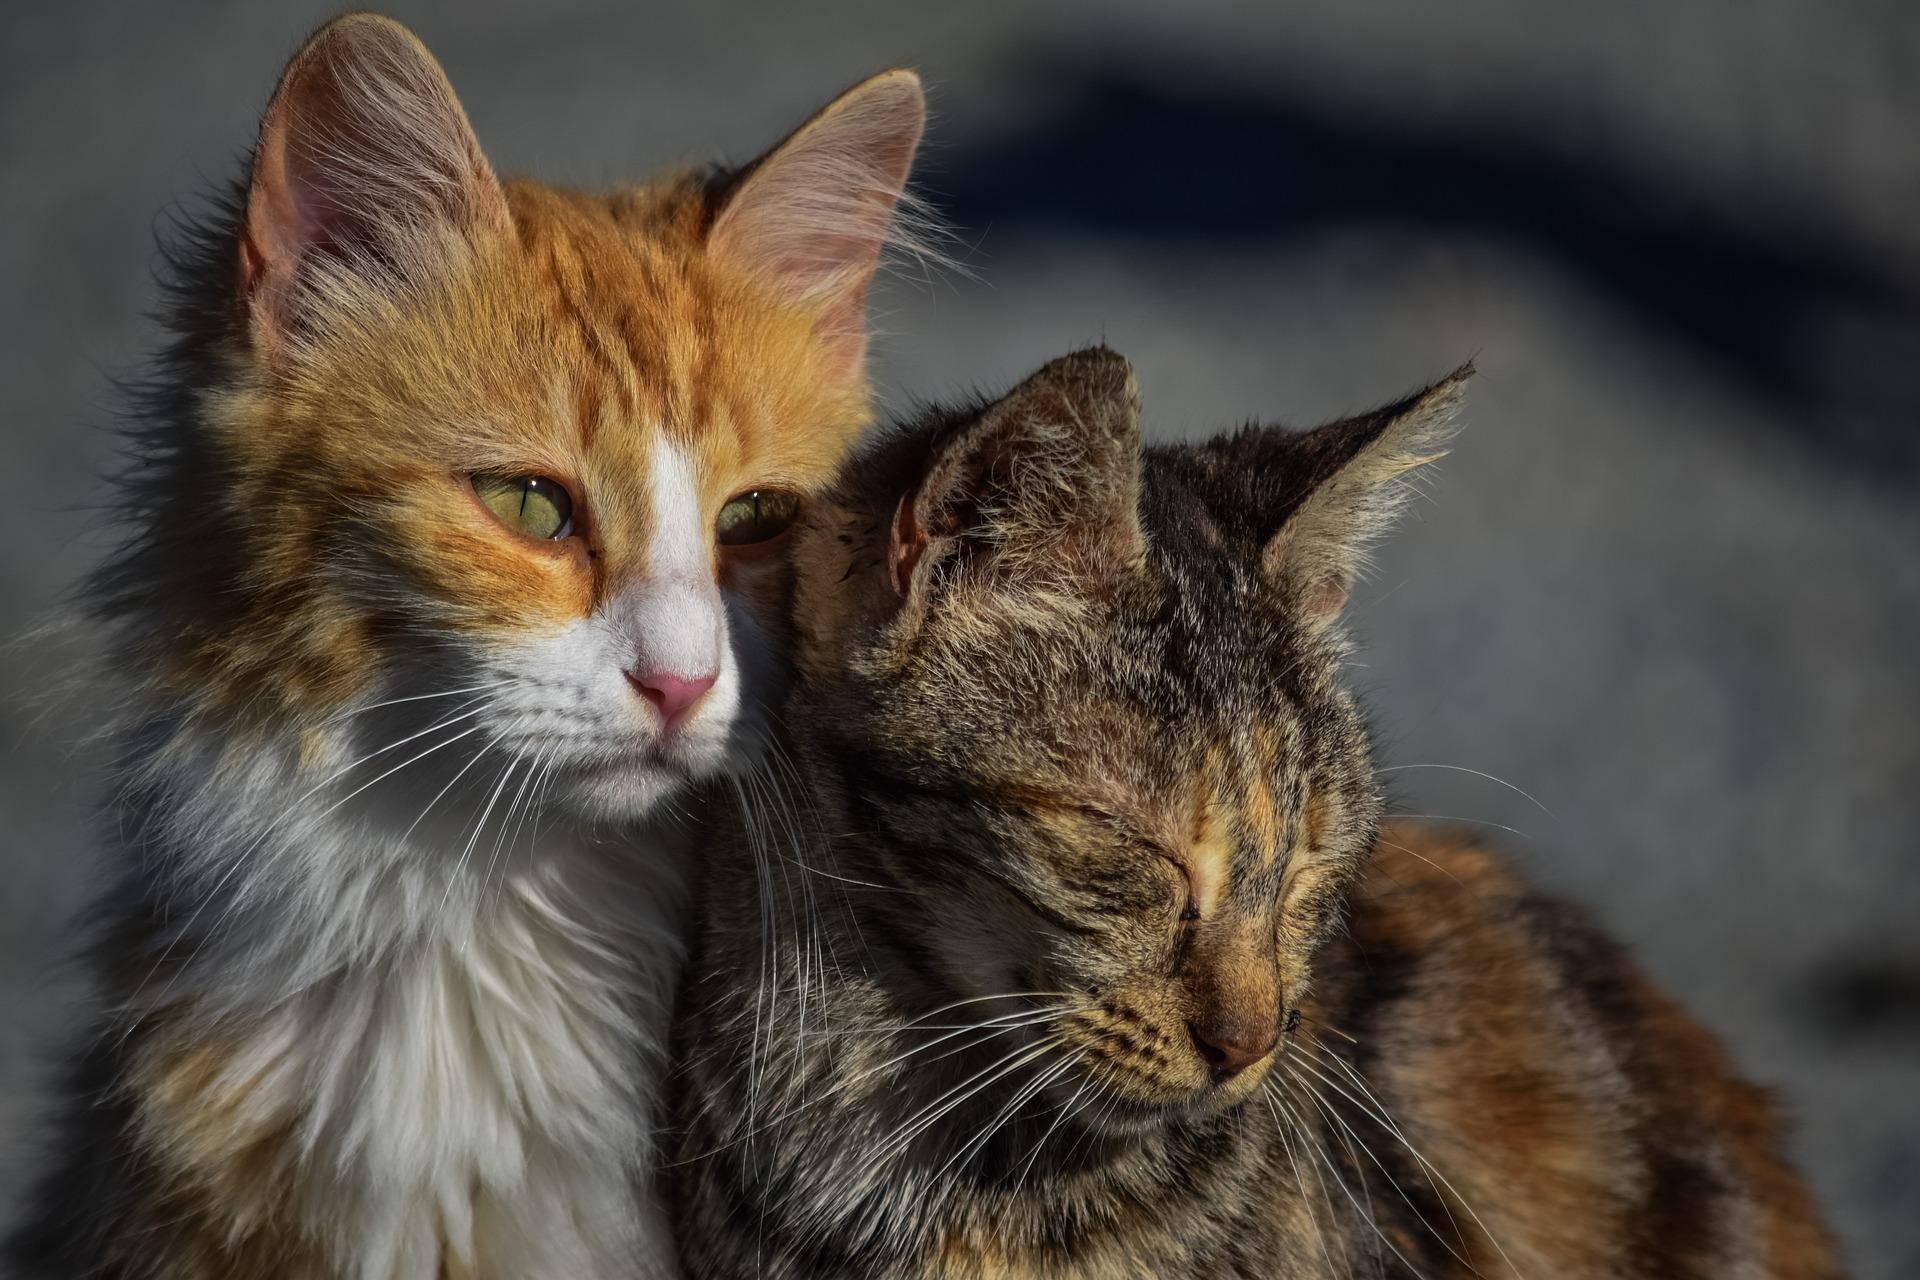 фото с бездомными кошками красивый неприхотливый экзот